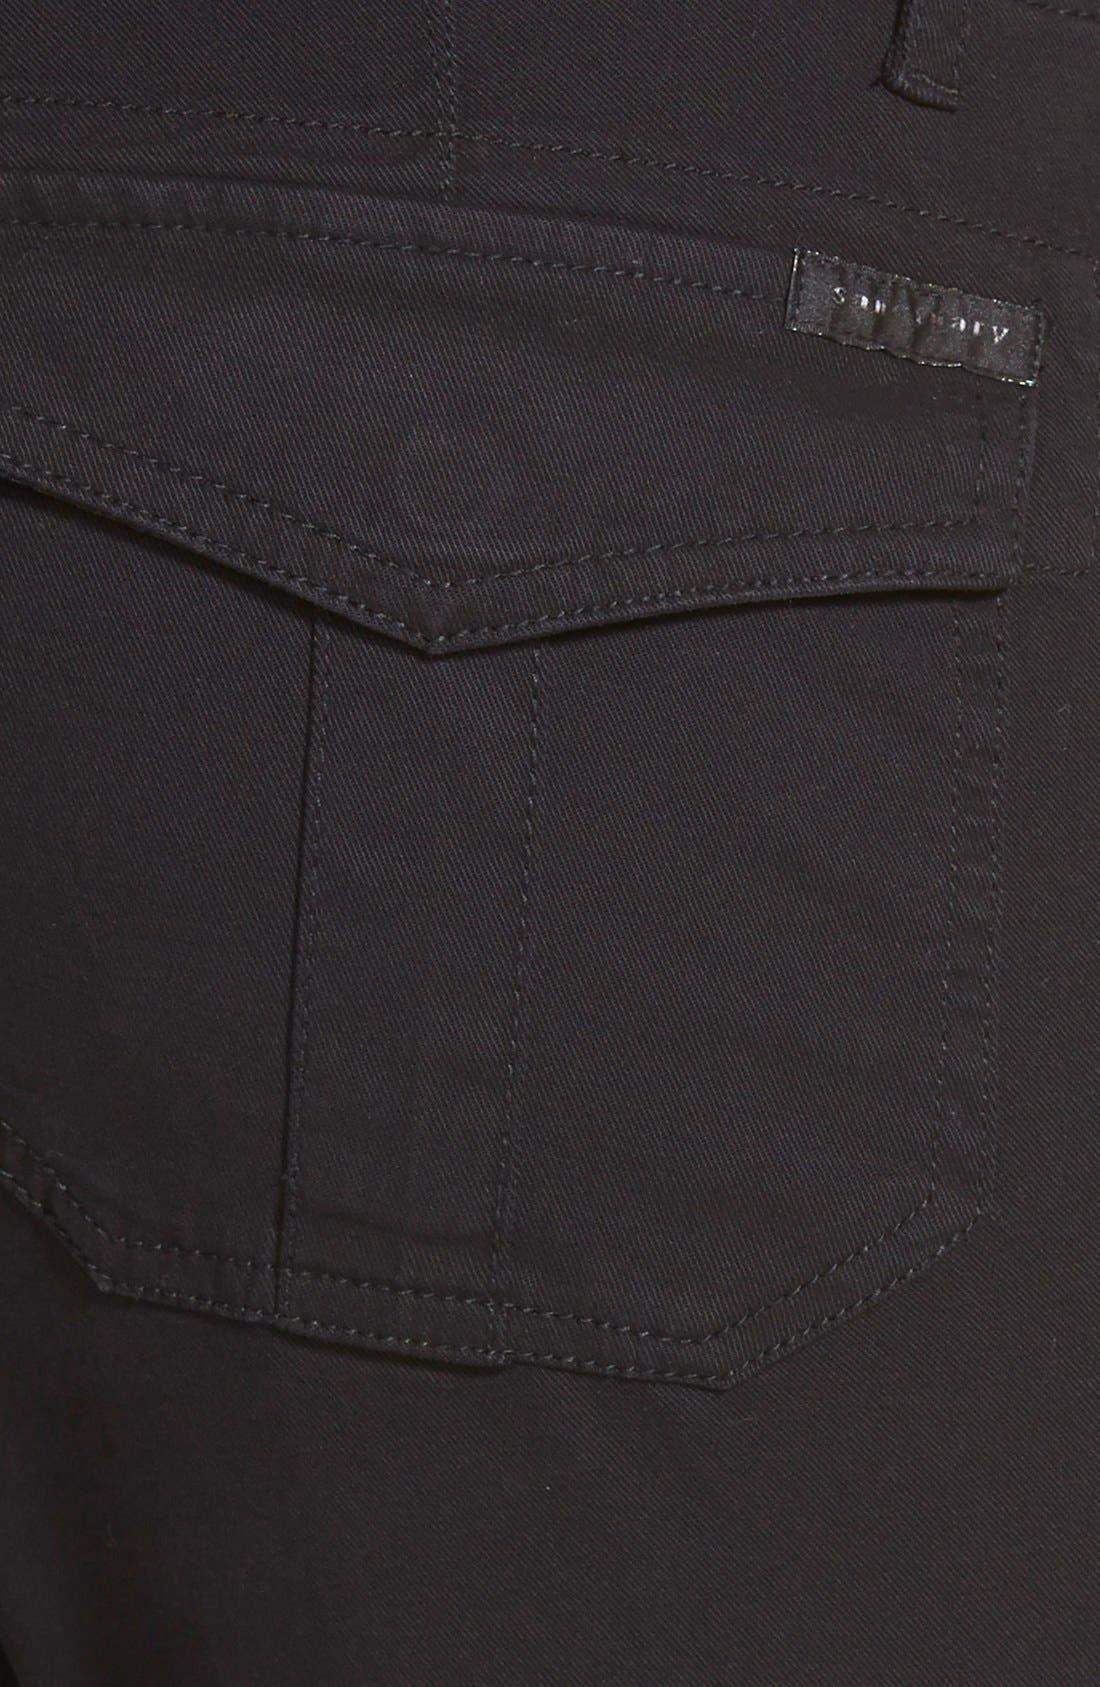 Alternate Image 3  - Sanctuary 'Peace Trooper' Crop Cargo Pants (Regular & Petite)